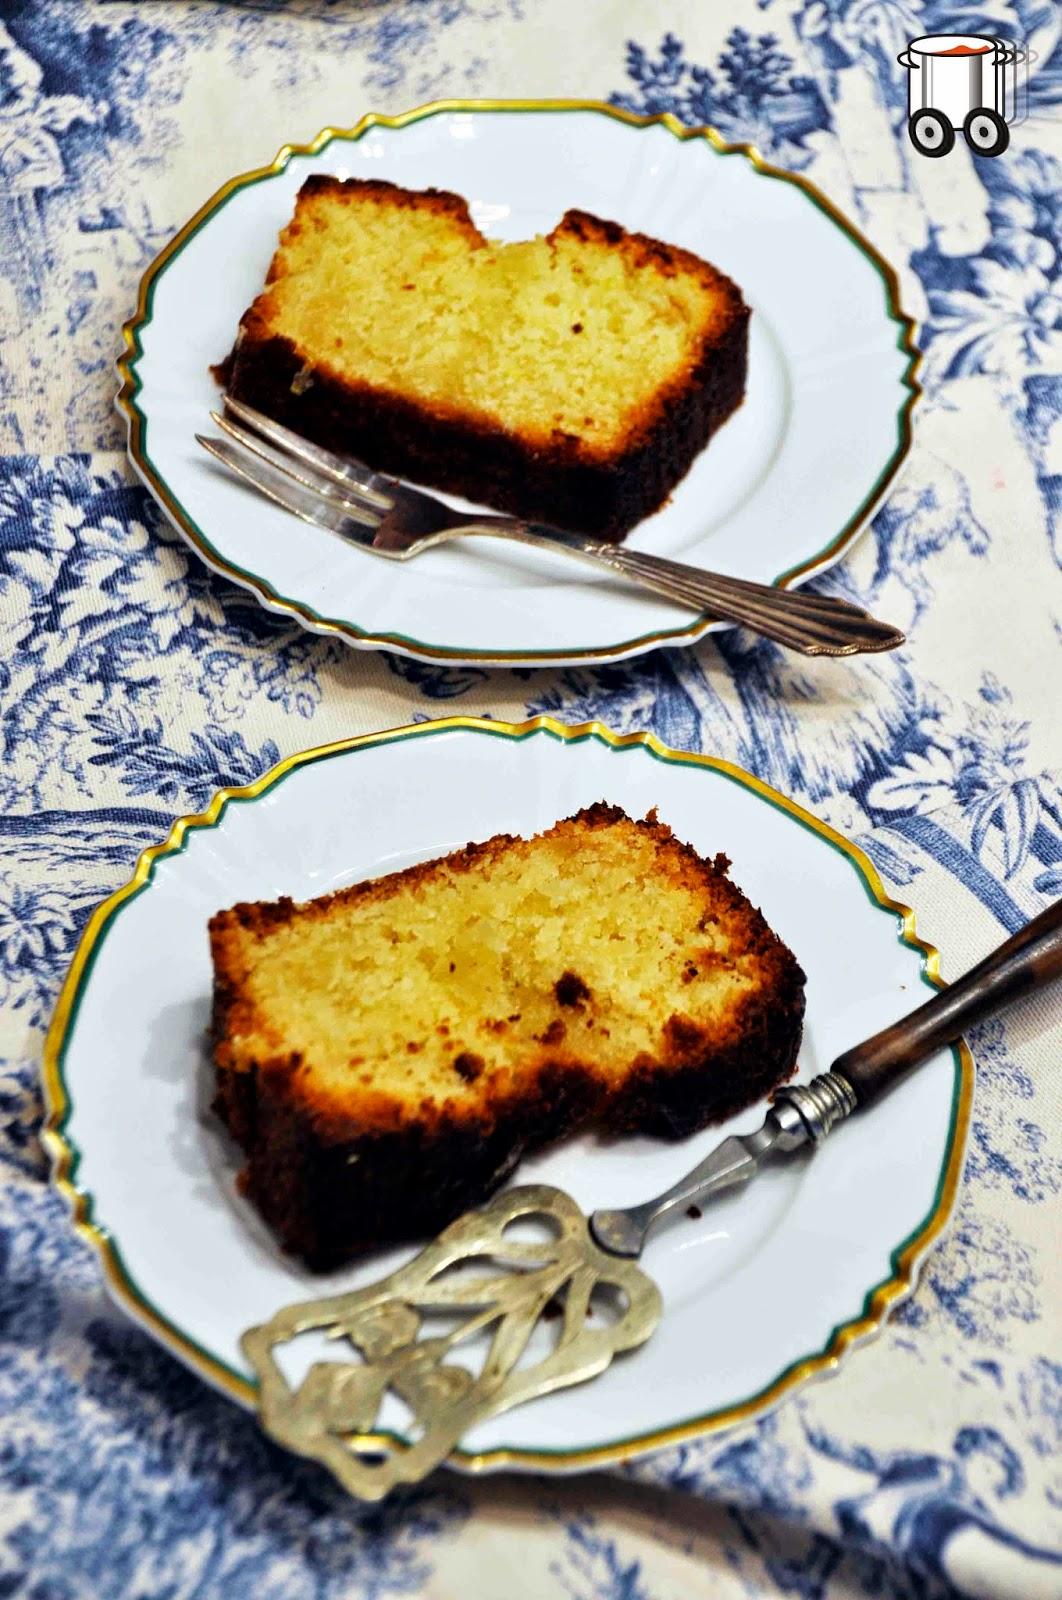 Szybko Tanio Smacznie - Ciasto pomarańczowo - migdałowe bez jajek